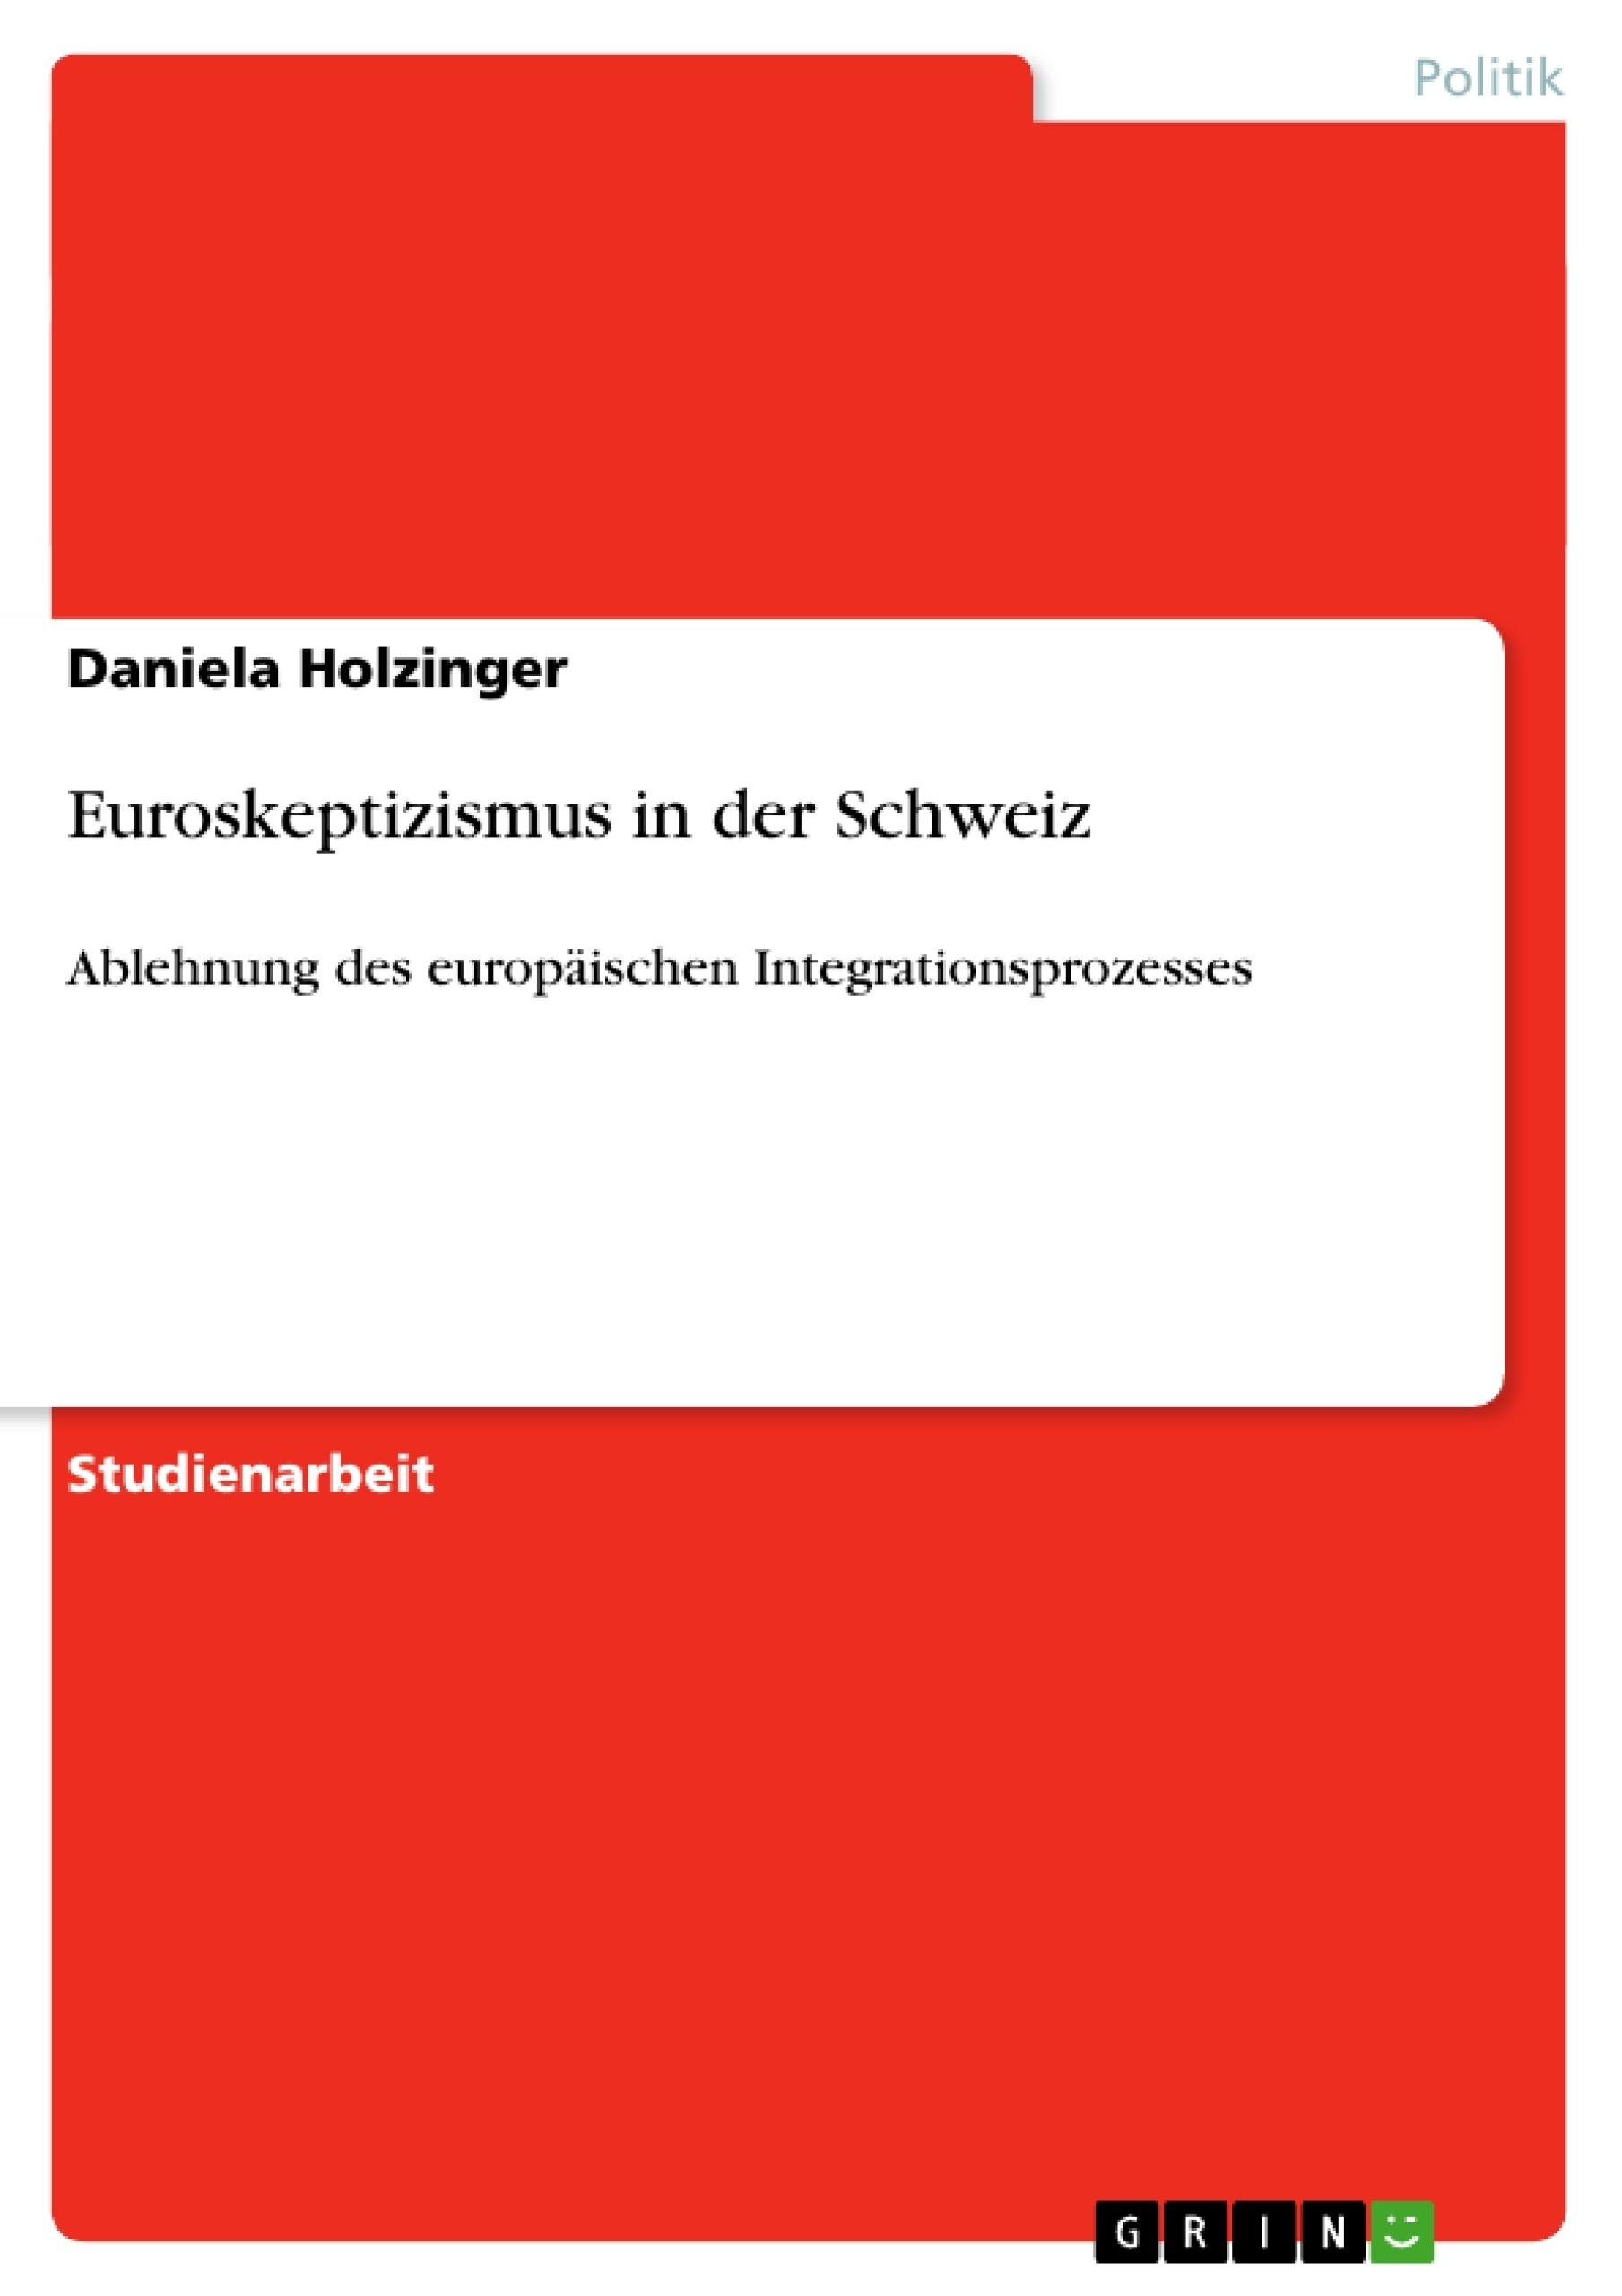 Titel: Euroskeptizismus in der Schweiz